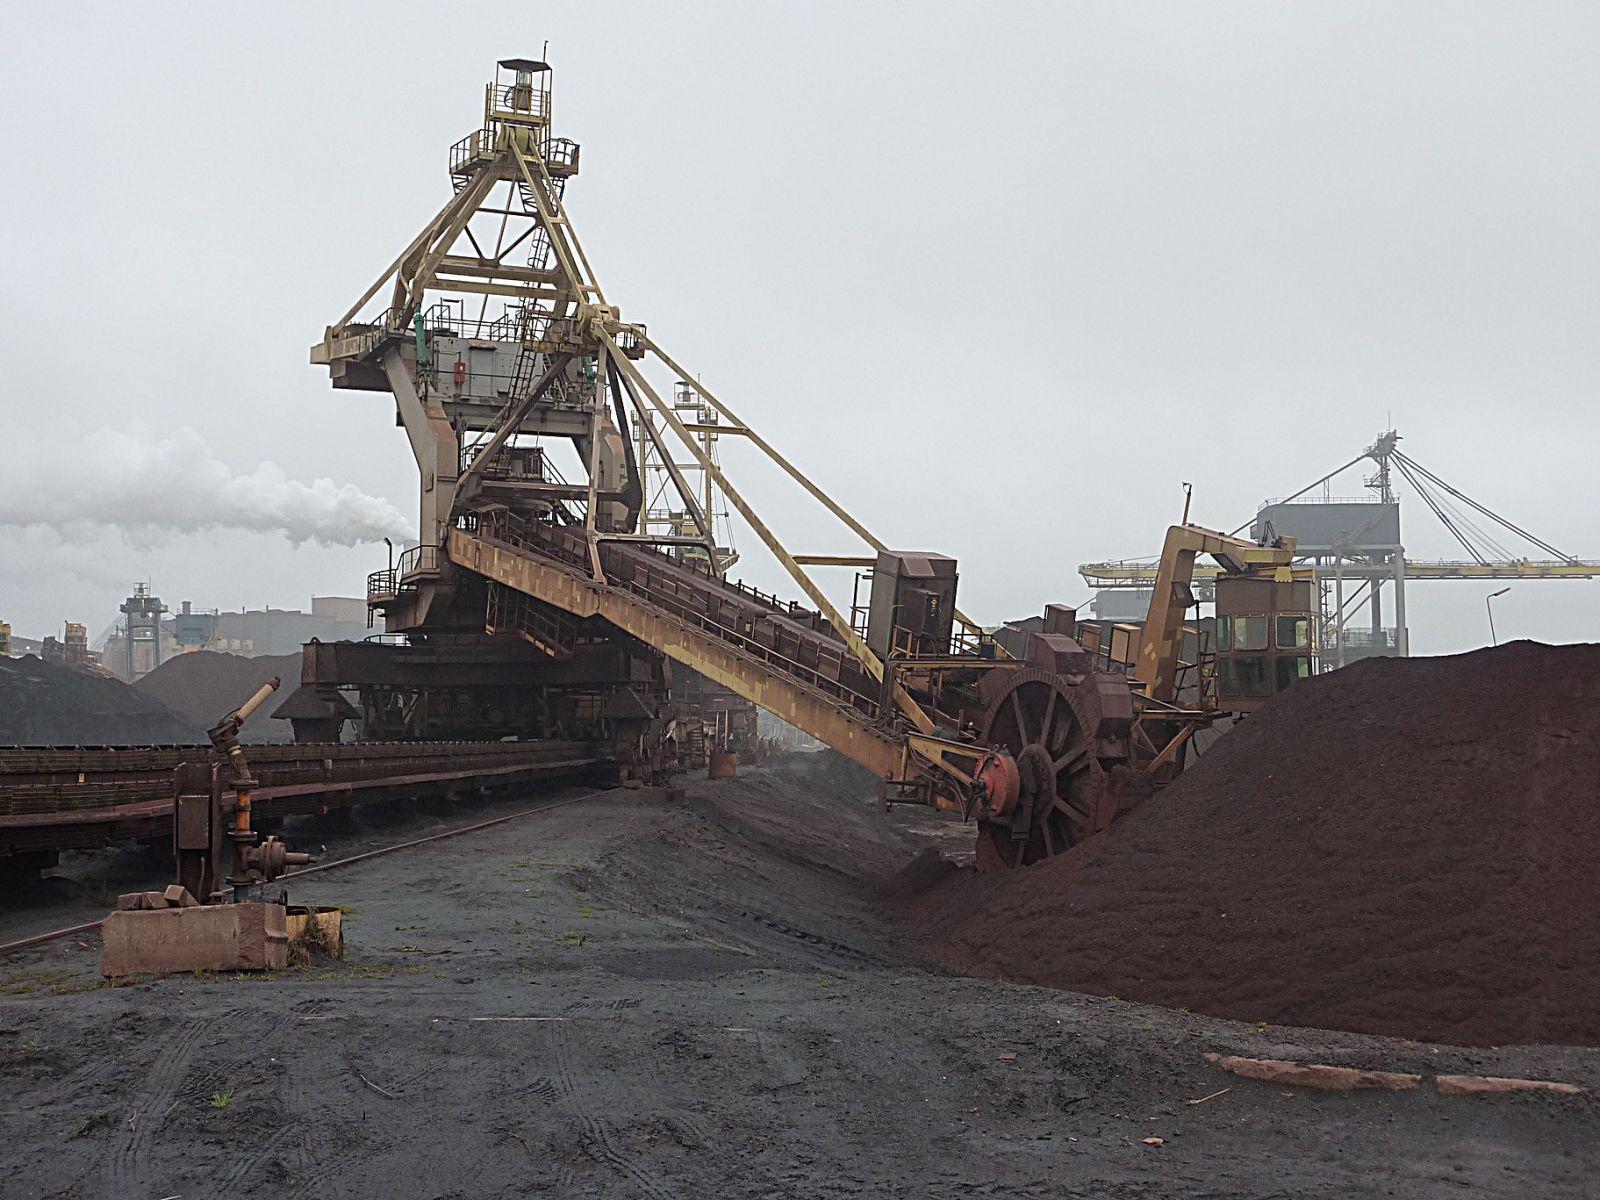 Paneelbouw staalindustrie